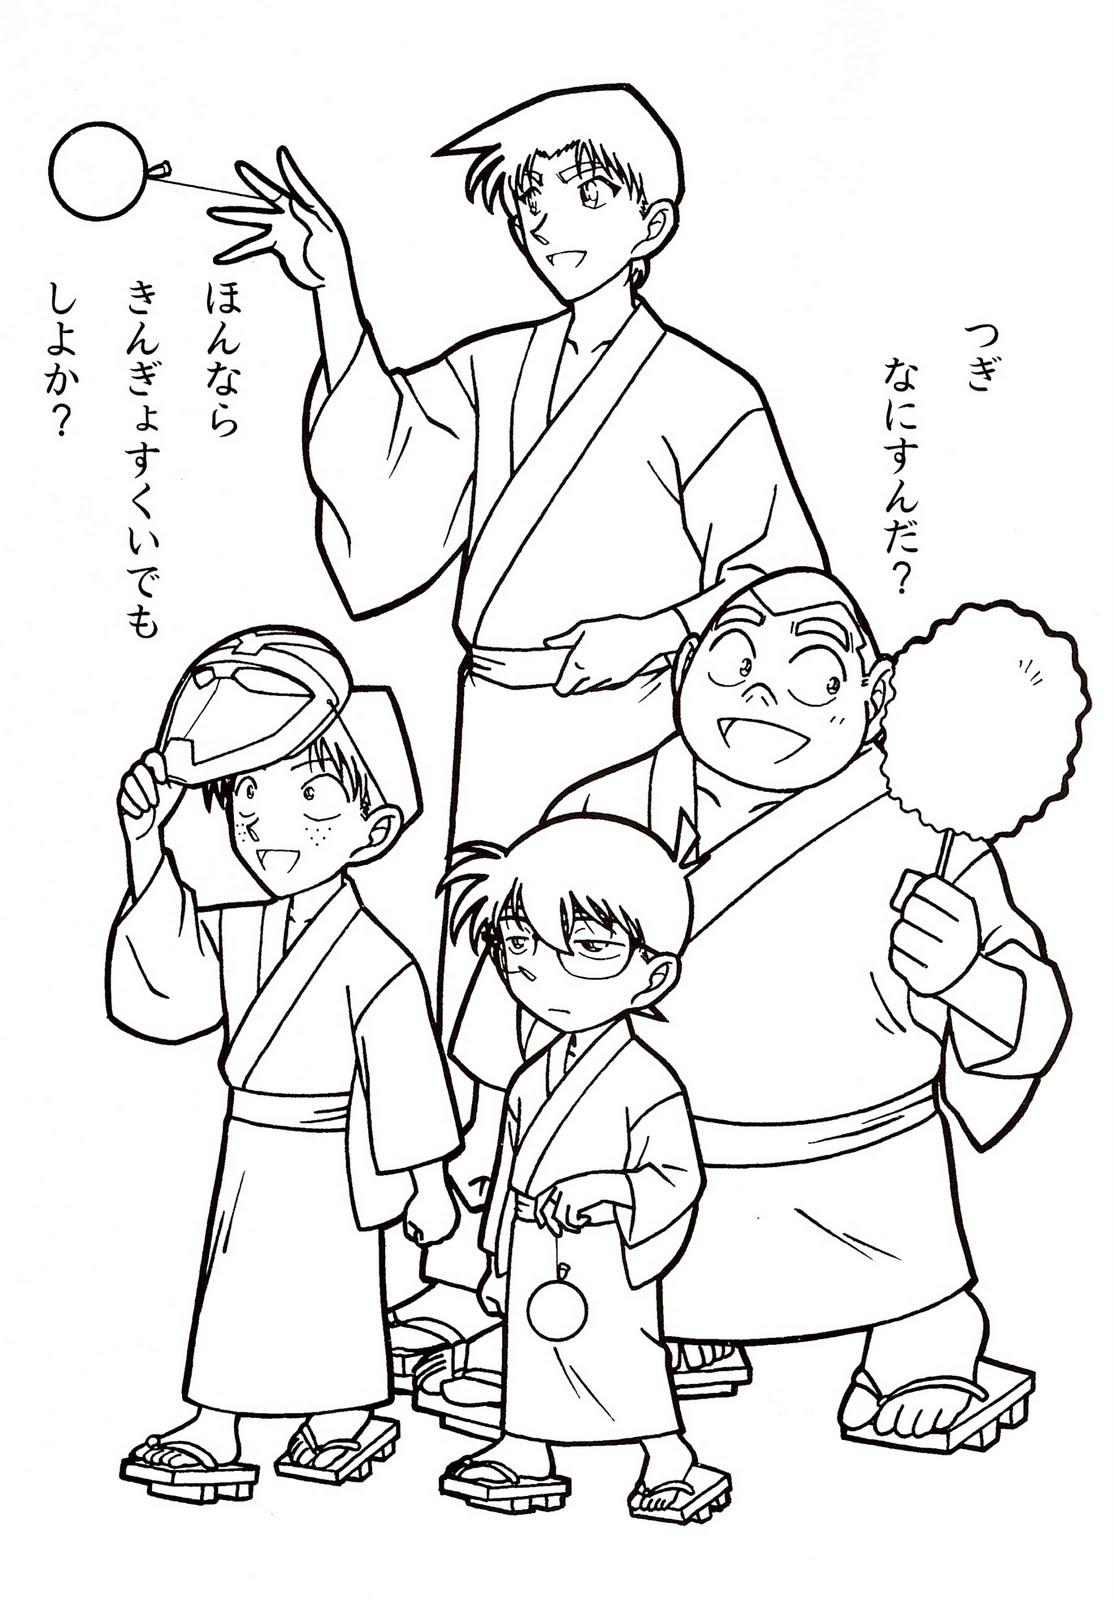 Uncategorized Detective Conan Coloring Pages detective conan coloring pages for kids free printables 1600